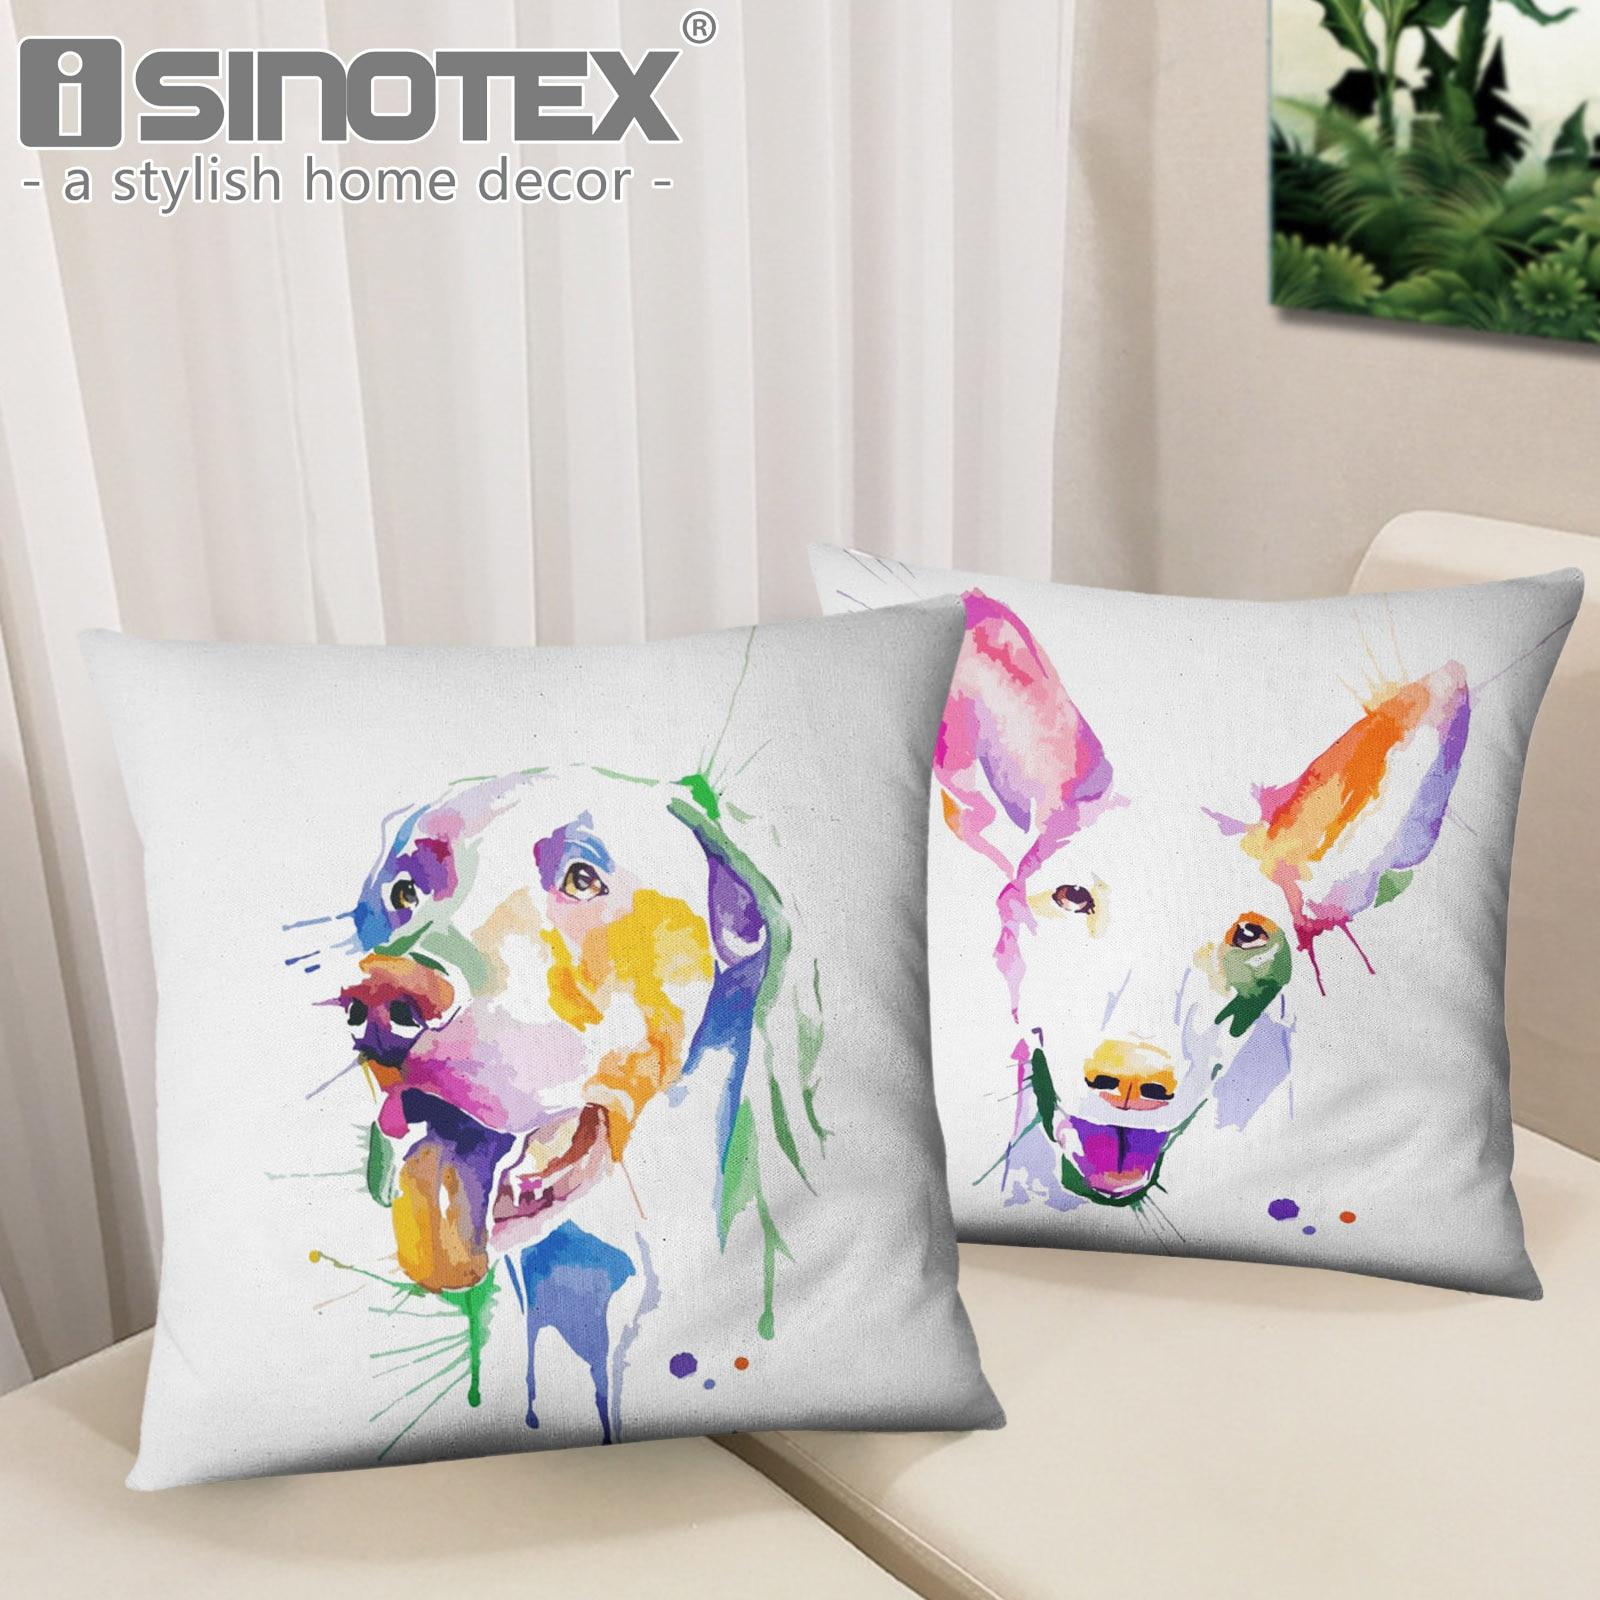 d299a5437 Pintura Estilo Cachorro Cão Bull Terrier Schnauzer Impresso Lance Capa de Almofada  Fronha Crianças Cama Sala Home Da Decoração Da Arte